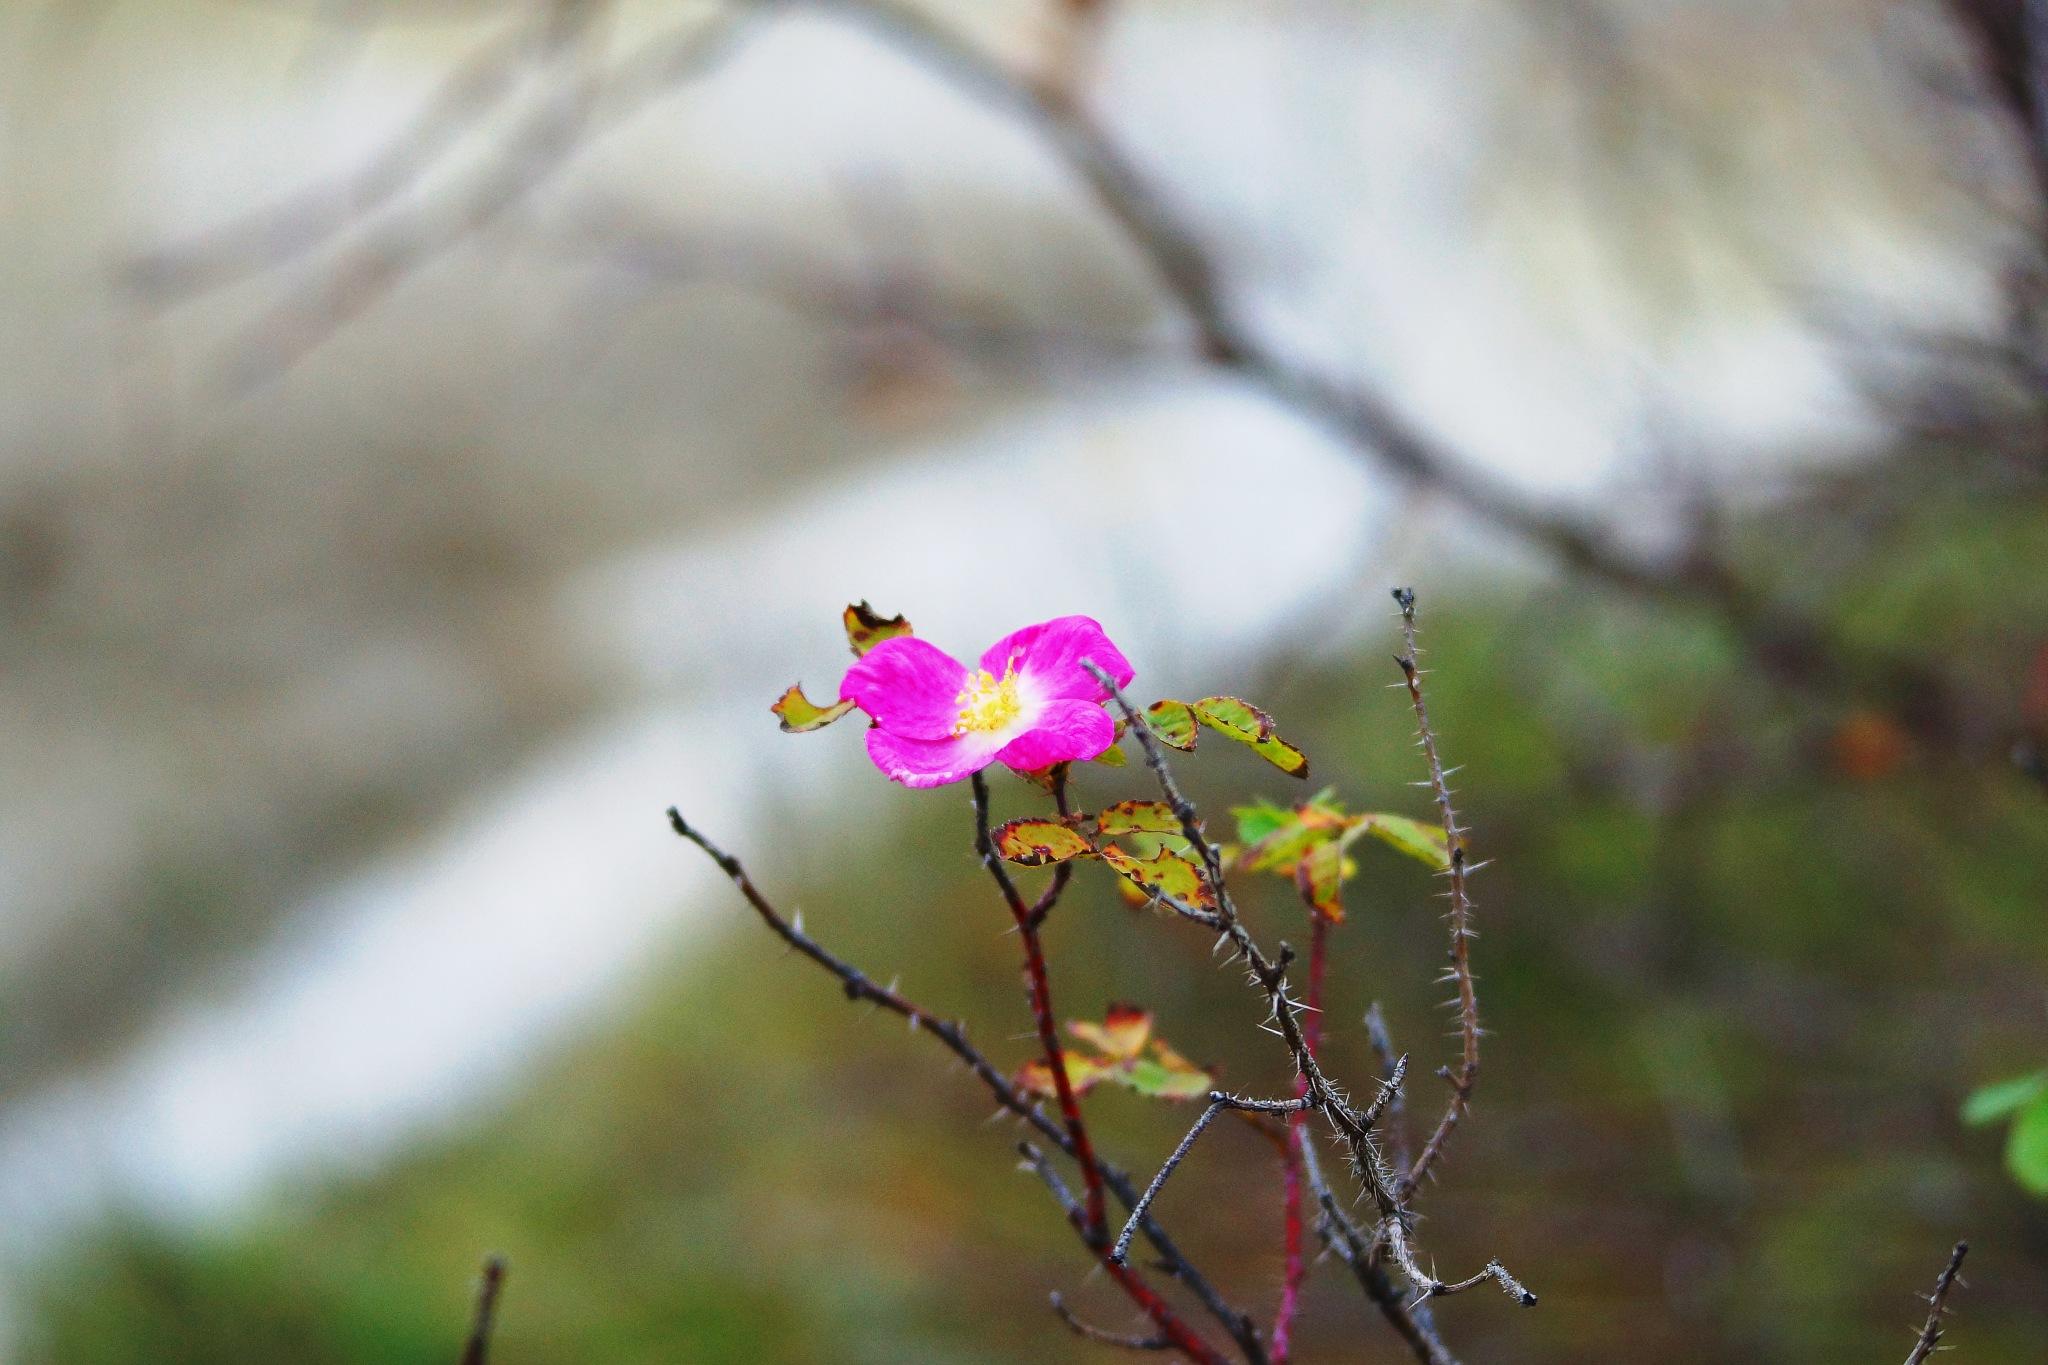 Dogrose flower by sergey.parfeniuk